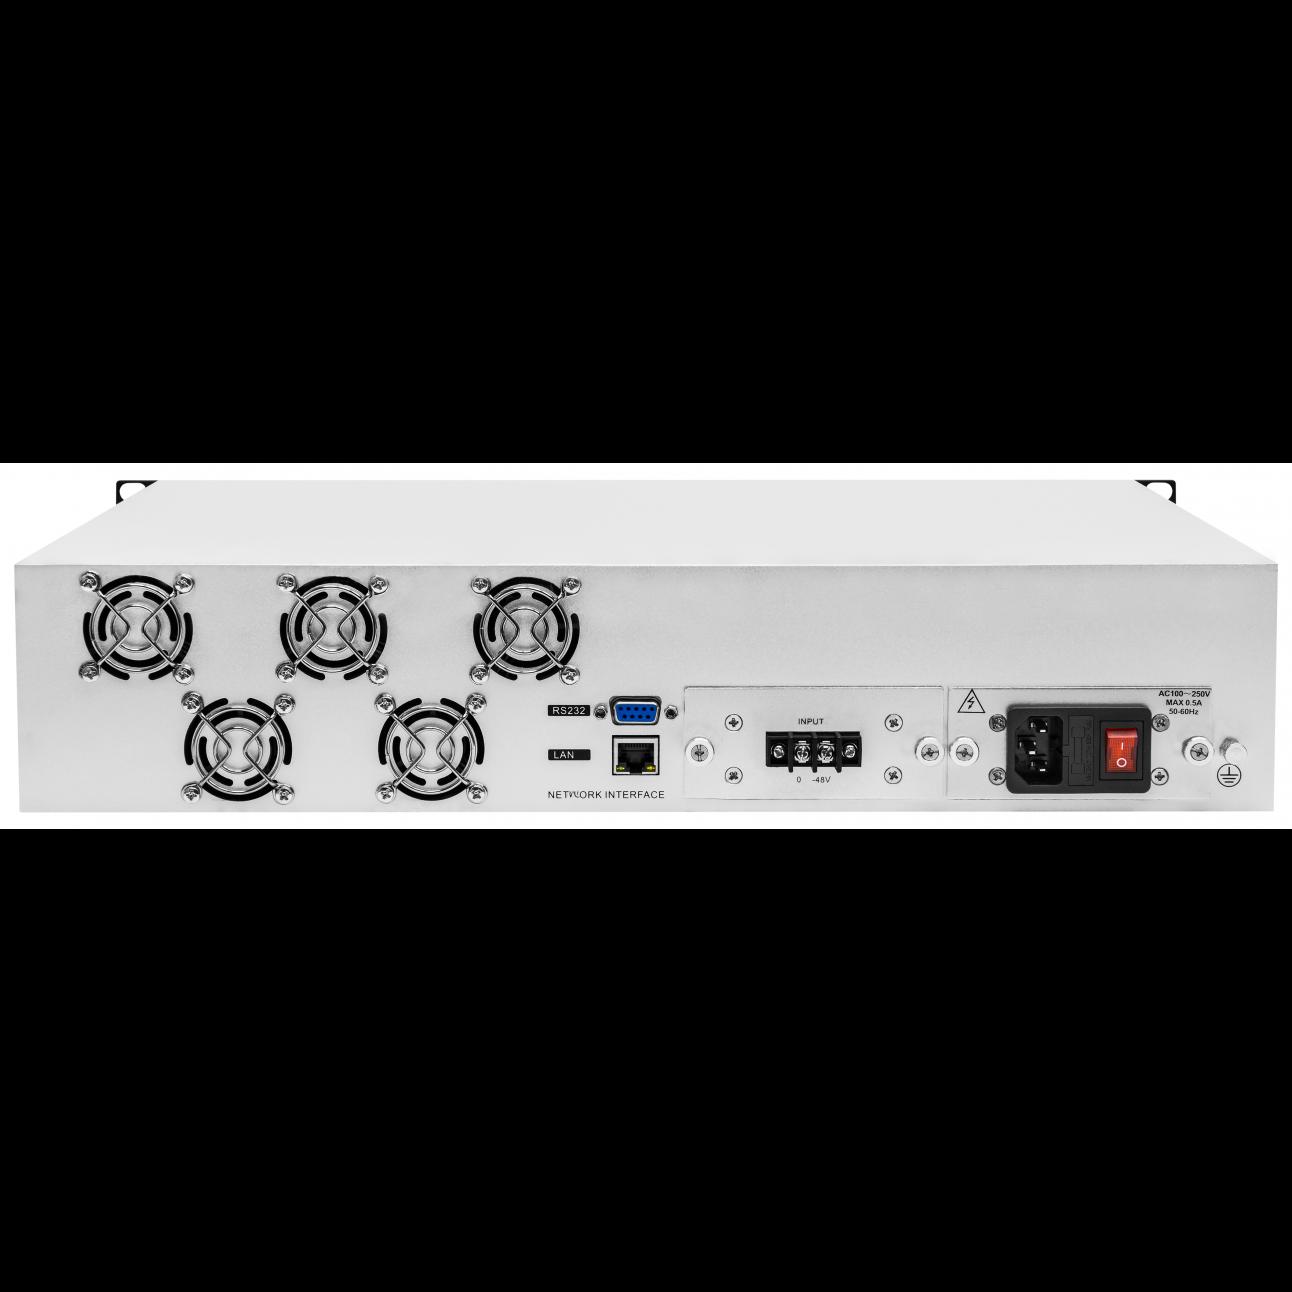 Оптический усилитель VERMAX для сетей КТВ, 16*22dBm